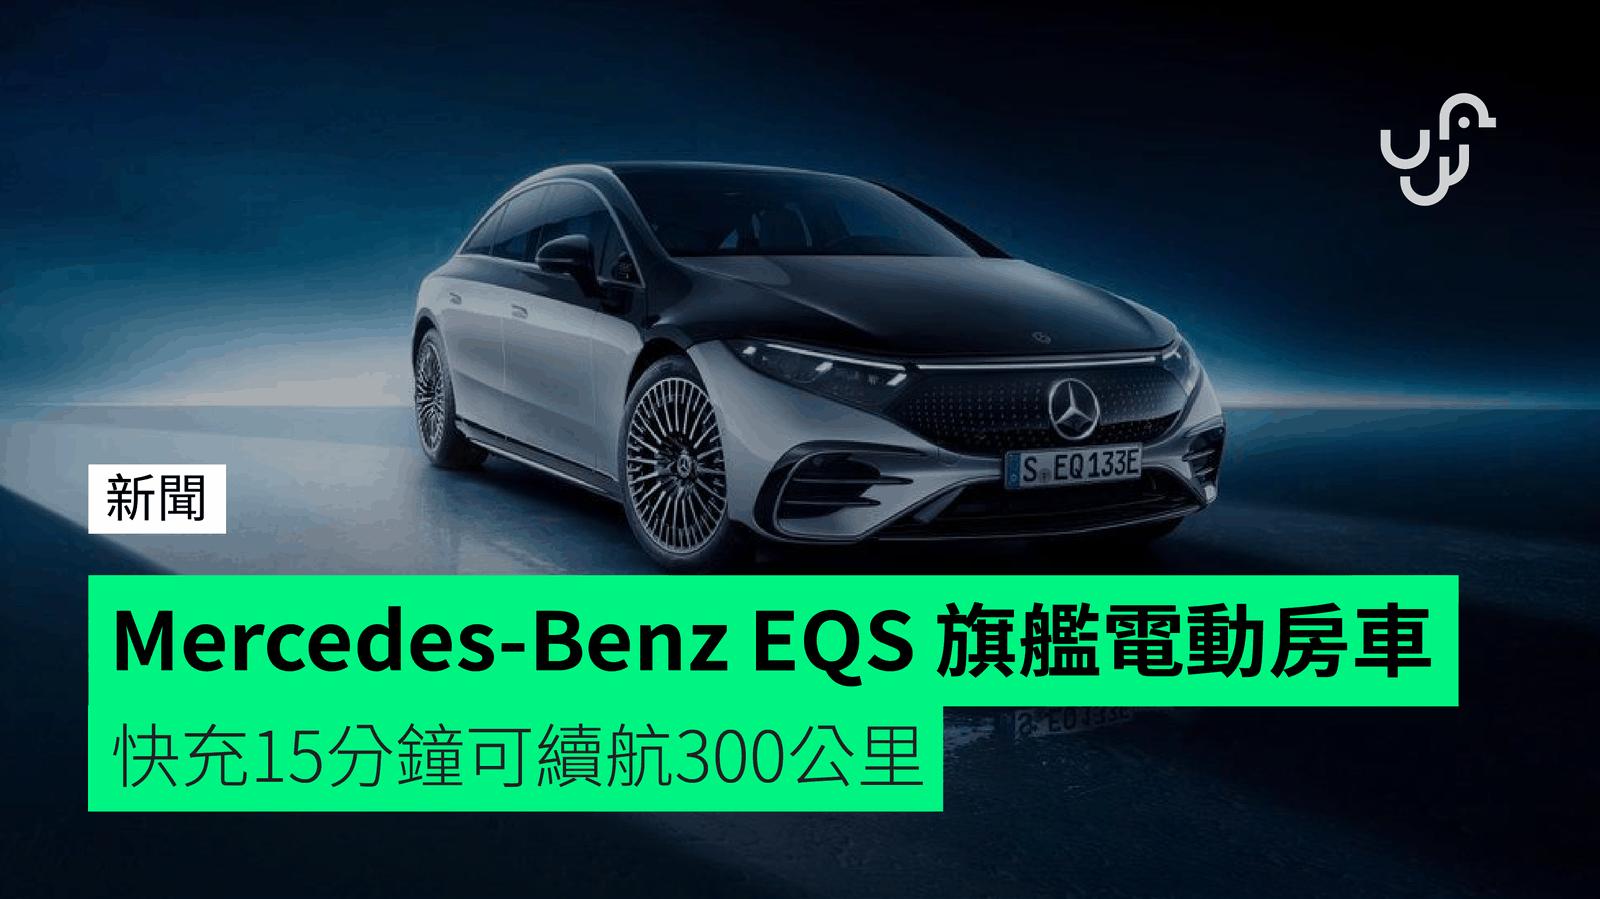 梅赛德斯·奔驰的旗舰EQS电动旅行车可在15分钟内充电300公里